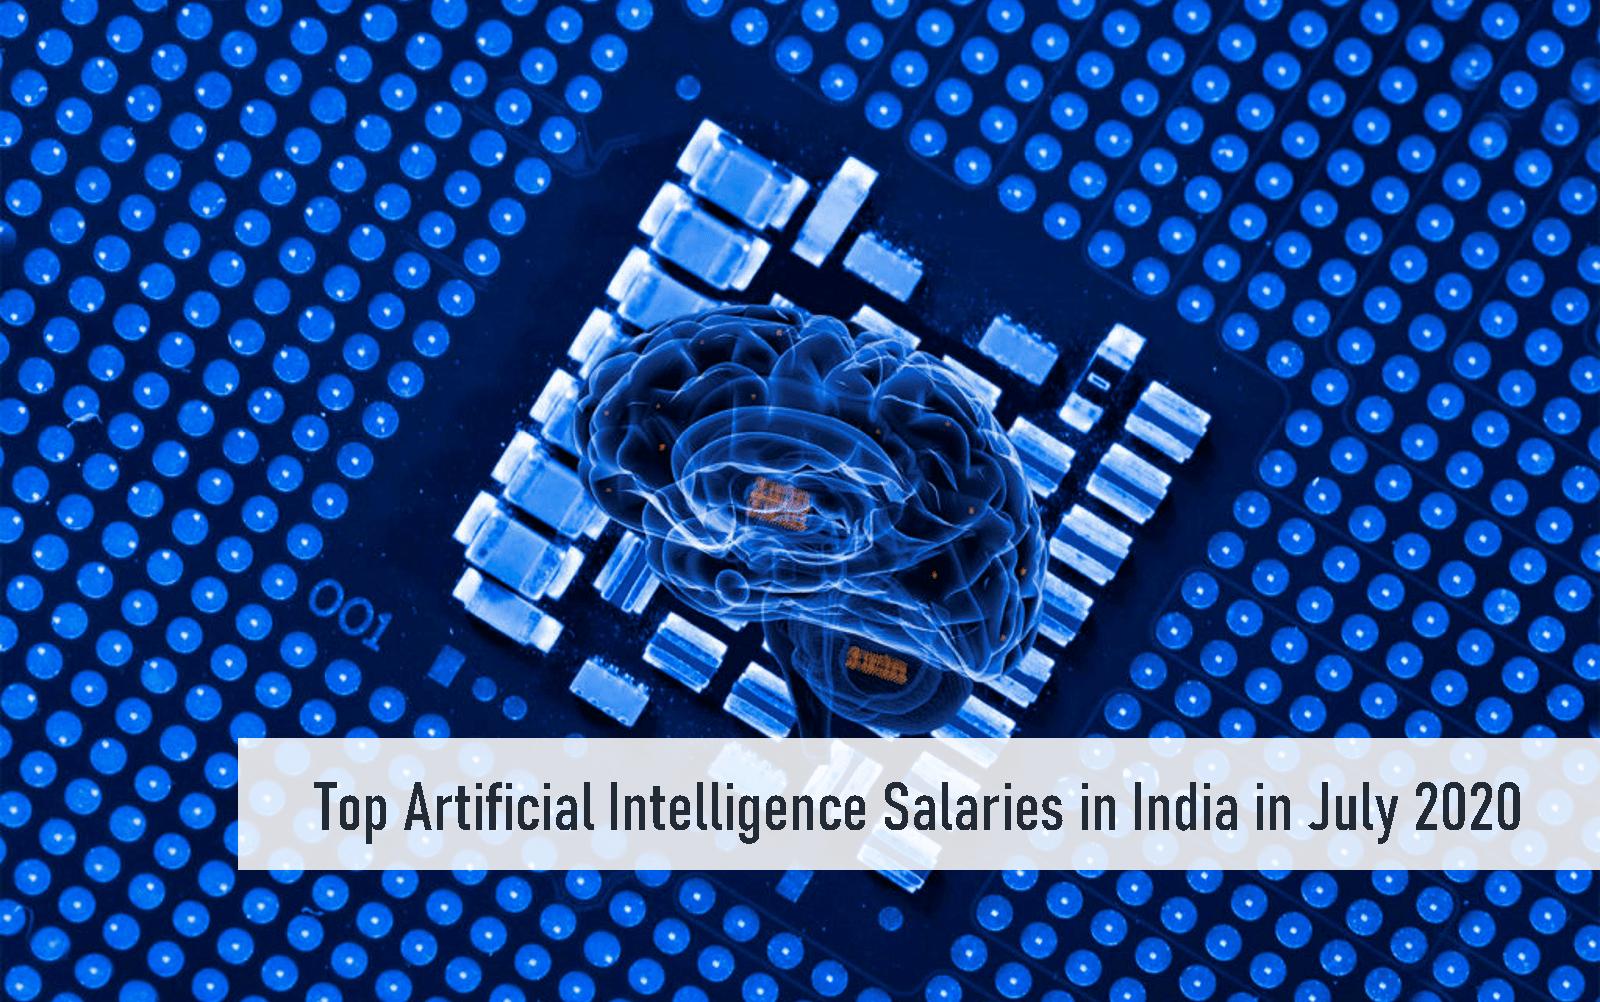 Top AI Salaries 2020